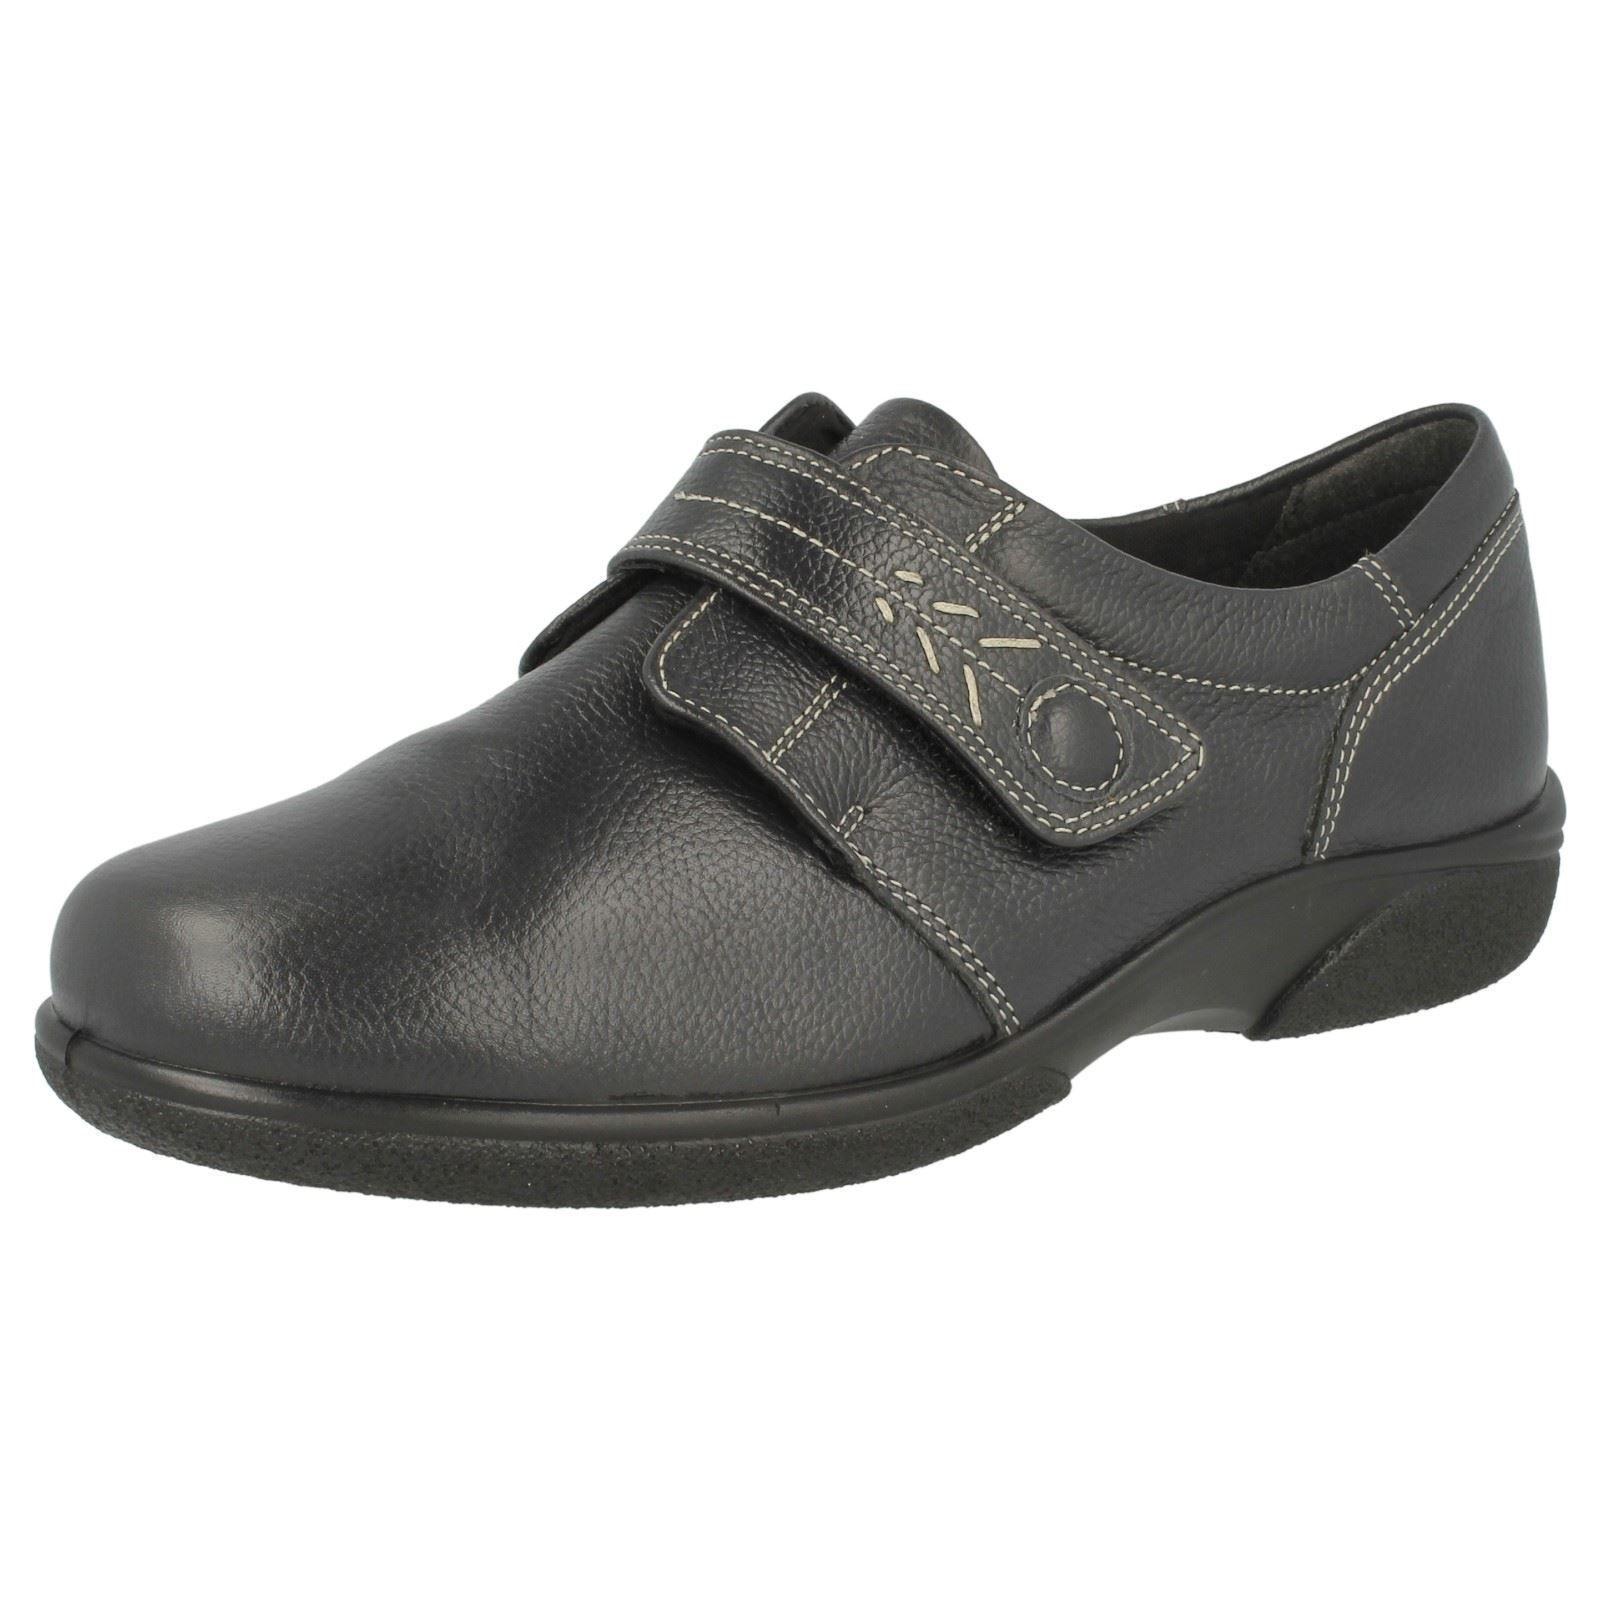 Easy B 'Healey' Señoras Señoras Señoras Oscuras Zapatos Azul Marino Ee Ajuste de Ancho  mejor moda